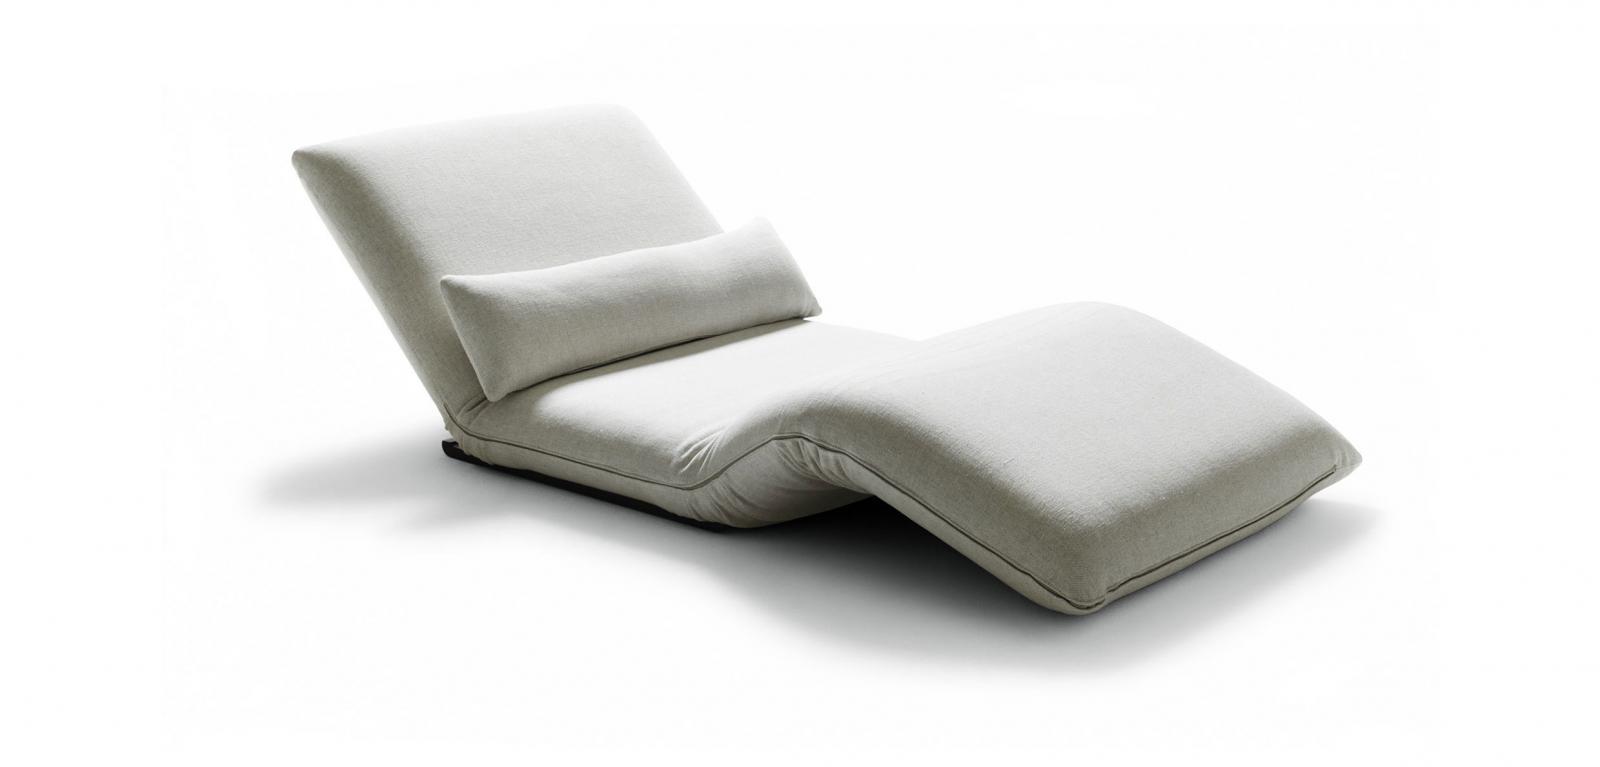 100 лет дизайна: кровать-трансформер Инго Маурера и Яна Армгардта